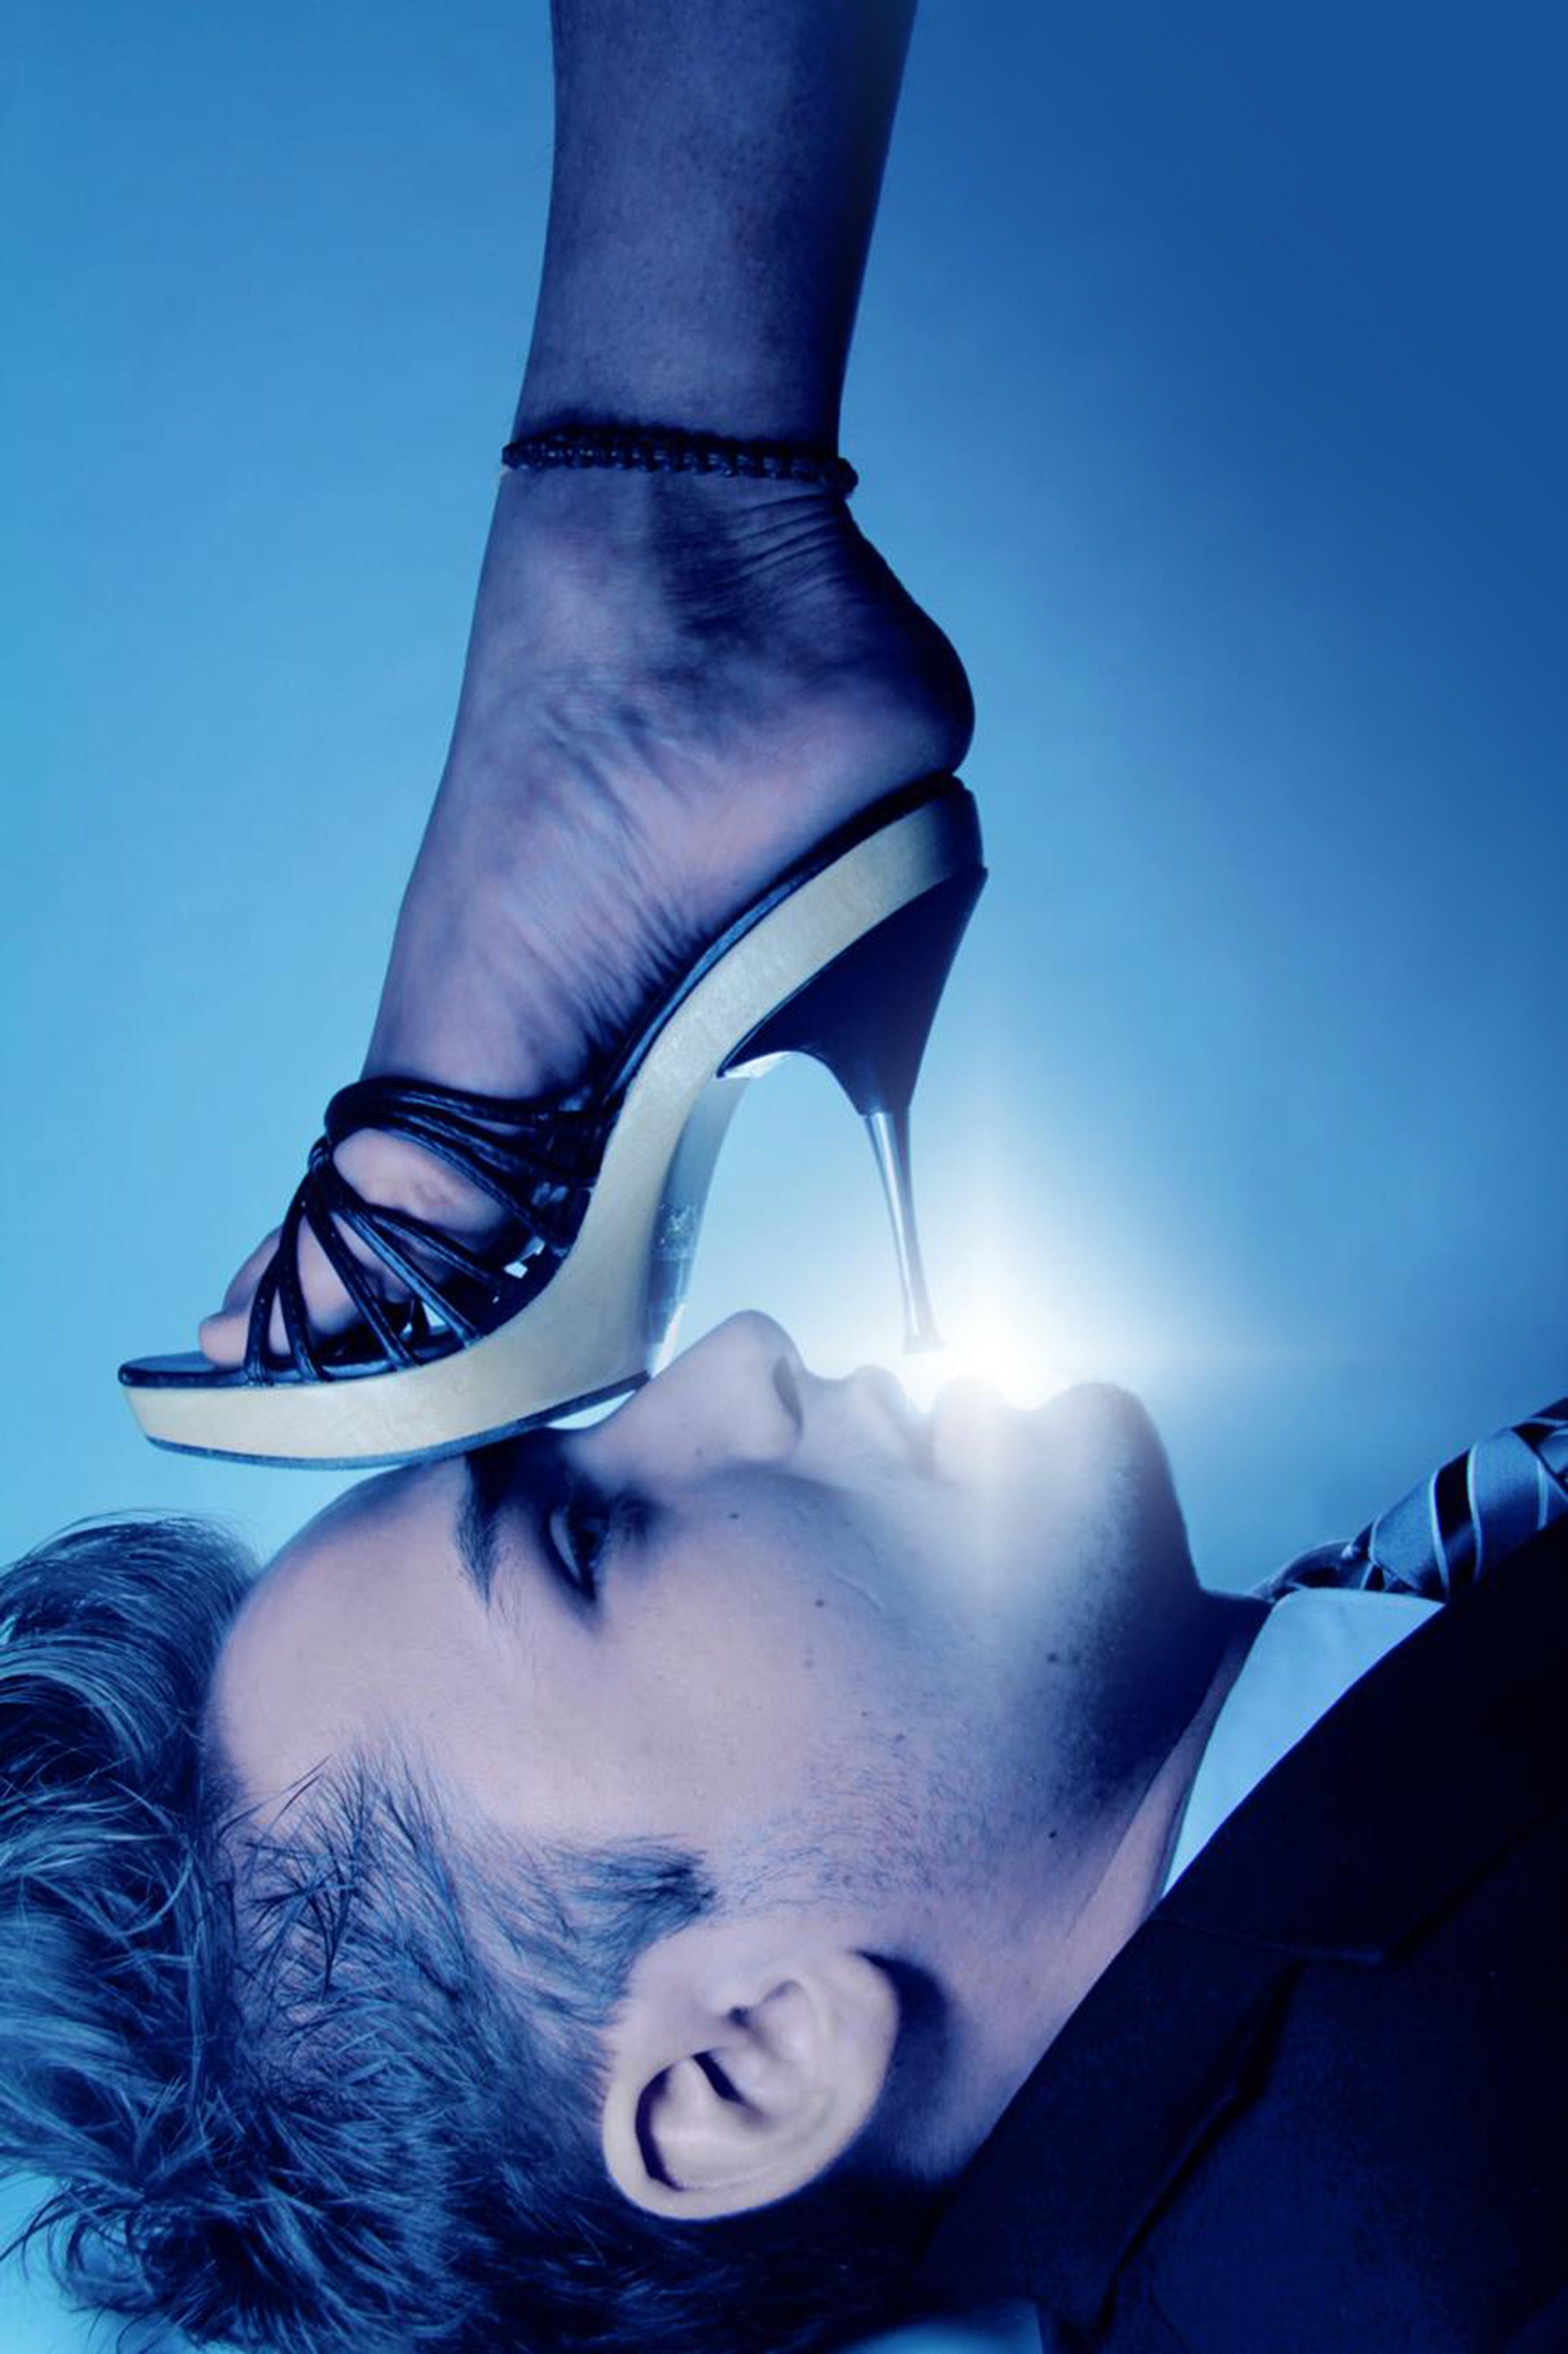 Stiletto Sandal on Men's Face Wallpaper